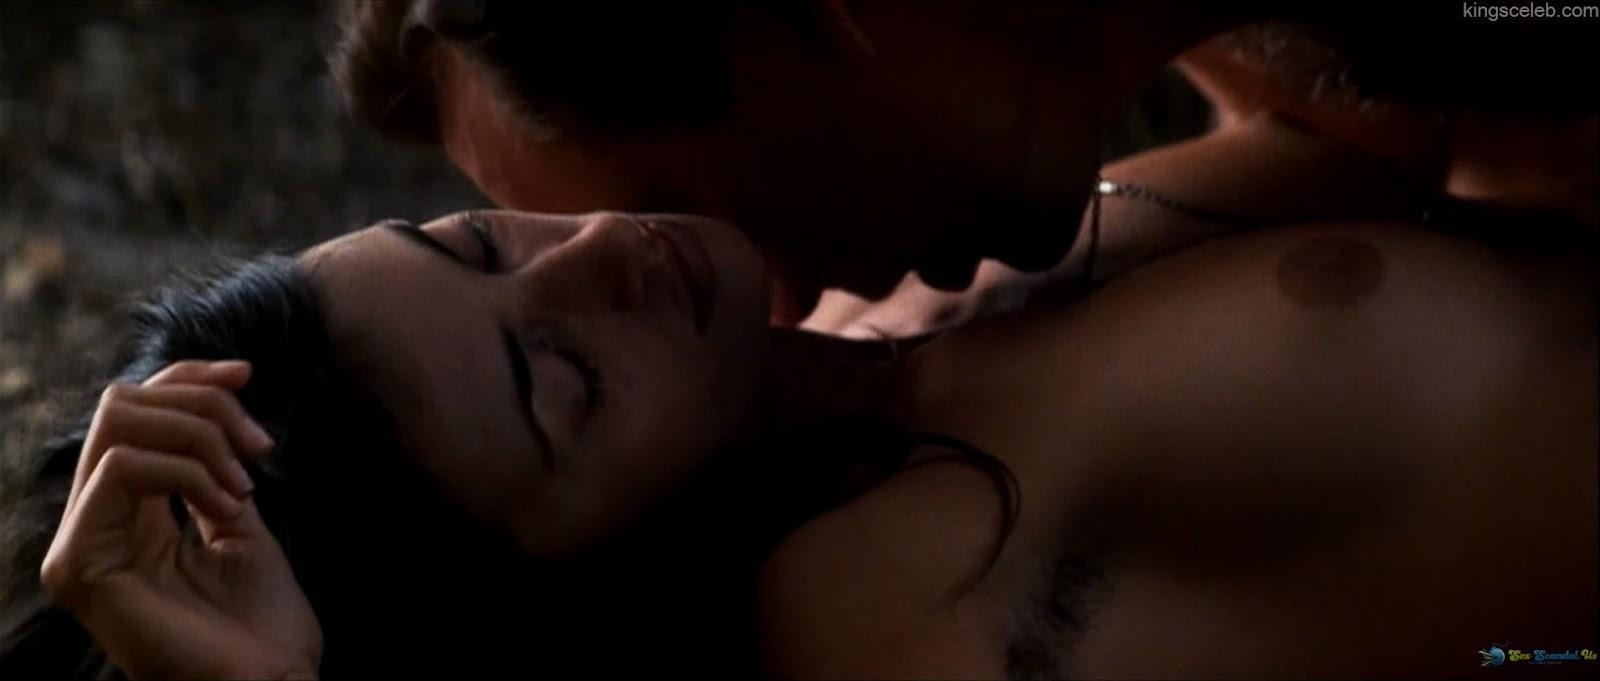 Penelope Cruz - Nude Cele-brity, Taiwan Cele-brity Sex Scandal, Sex-Scandal.Us, hot sex scandal, nude girls, hot girls, Best Girl, Singapore Scandal, Korean Scandal, Japan Scandal